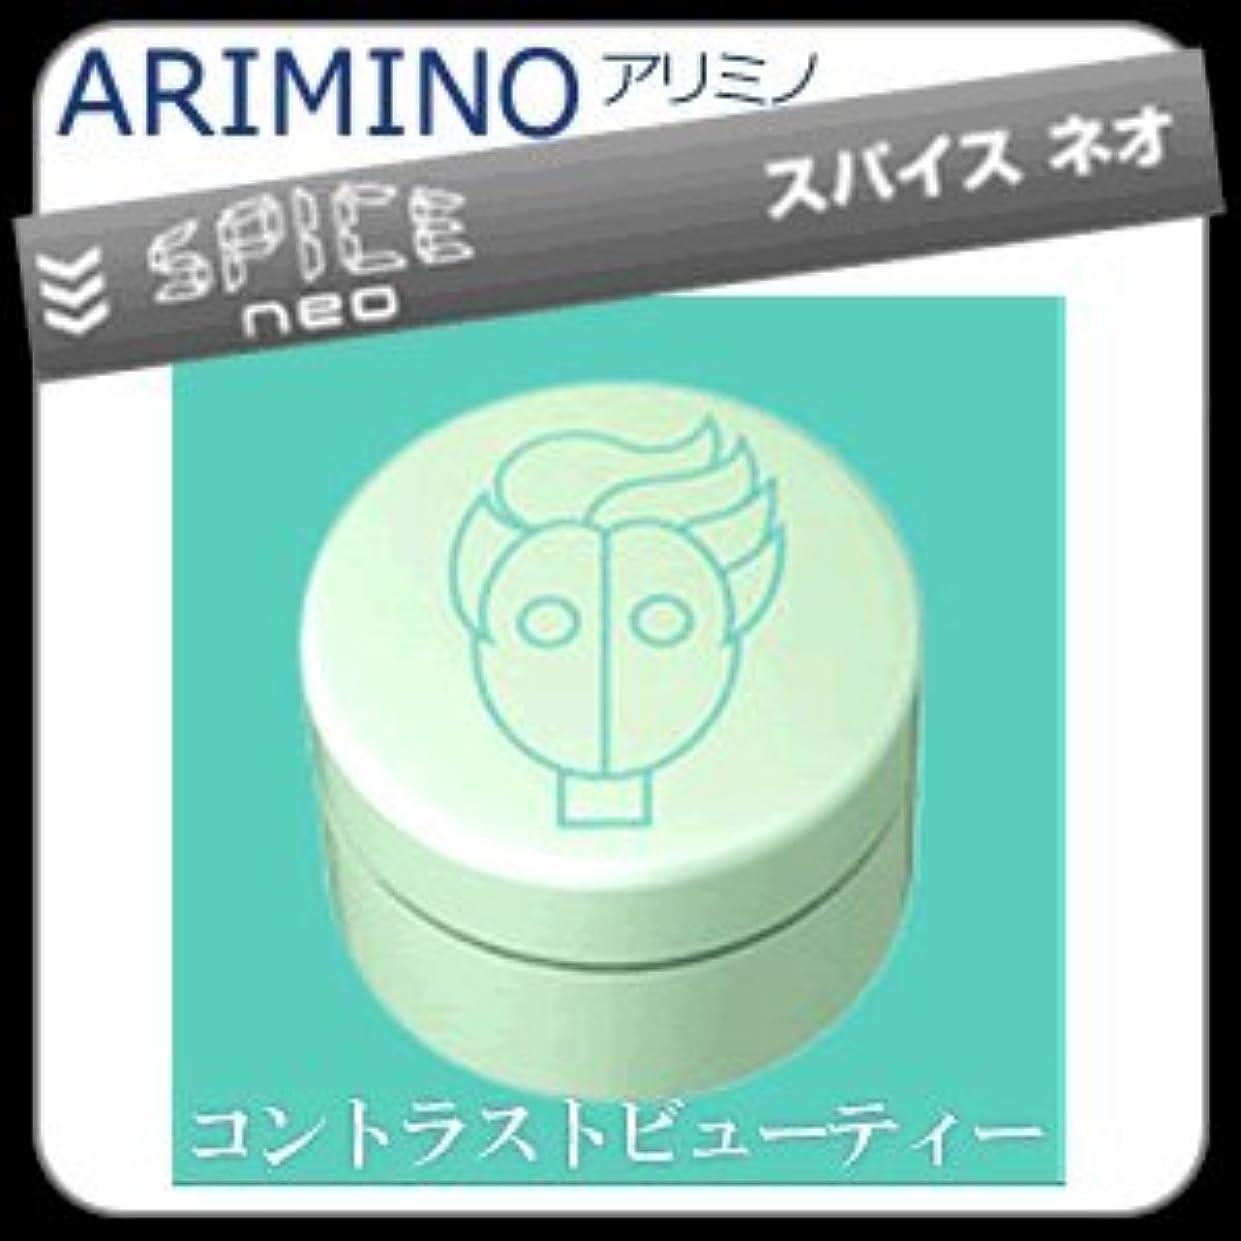 ロースト使用法生【X2個セット】 アリミノ スパイスネオ GREASE-WAX グリースワックス 100g ARIMINO SPICE neo